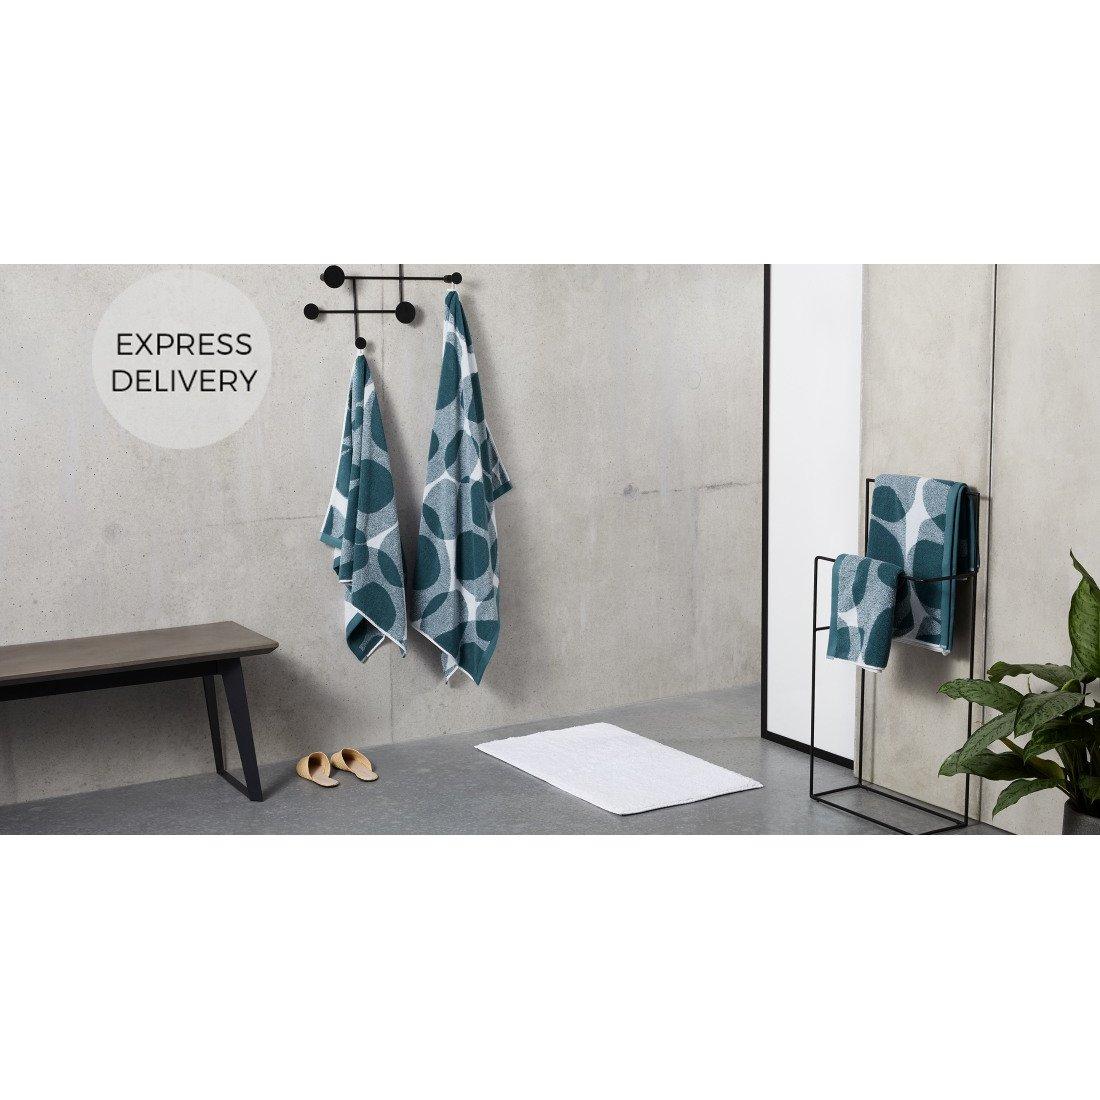 image-Holt 100% Cotton Set of 2 Bath Towels, Aegean Blue